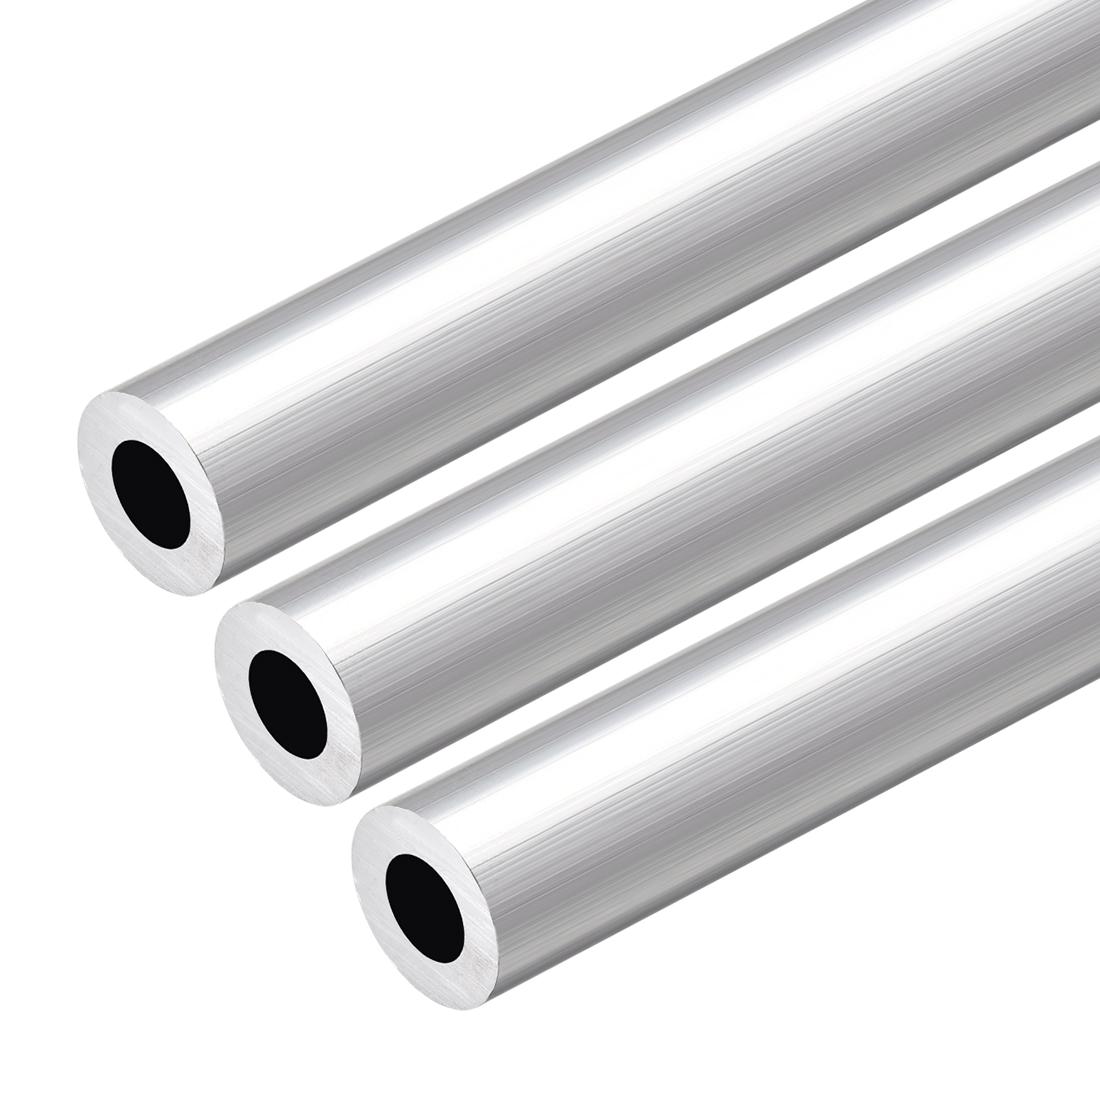 6063 Aluminum Round Tube 300mm Length 19mm OD 11mm Inner Dia Seamless Tube 3 Pcs